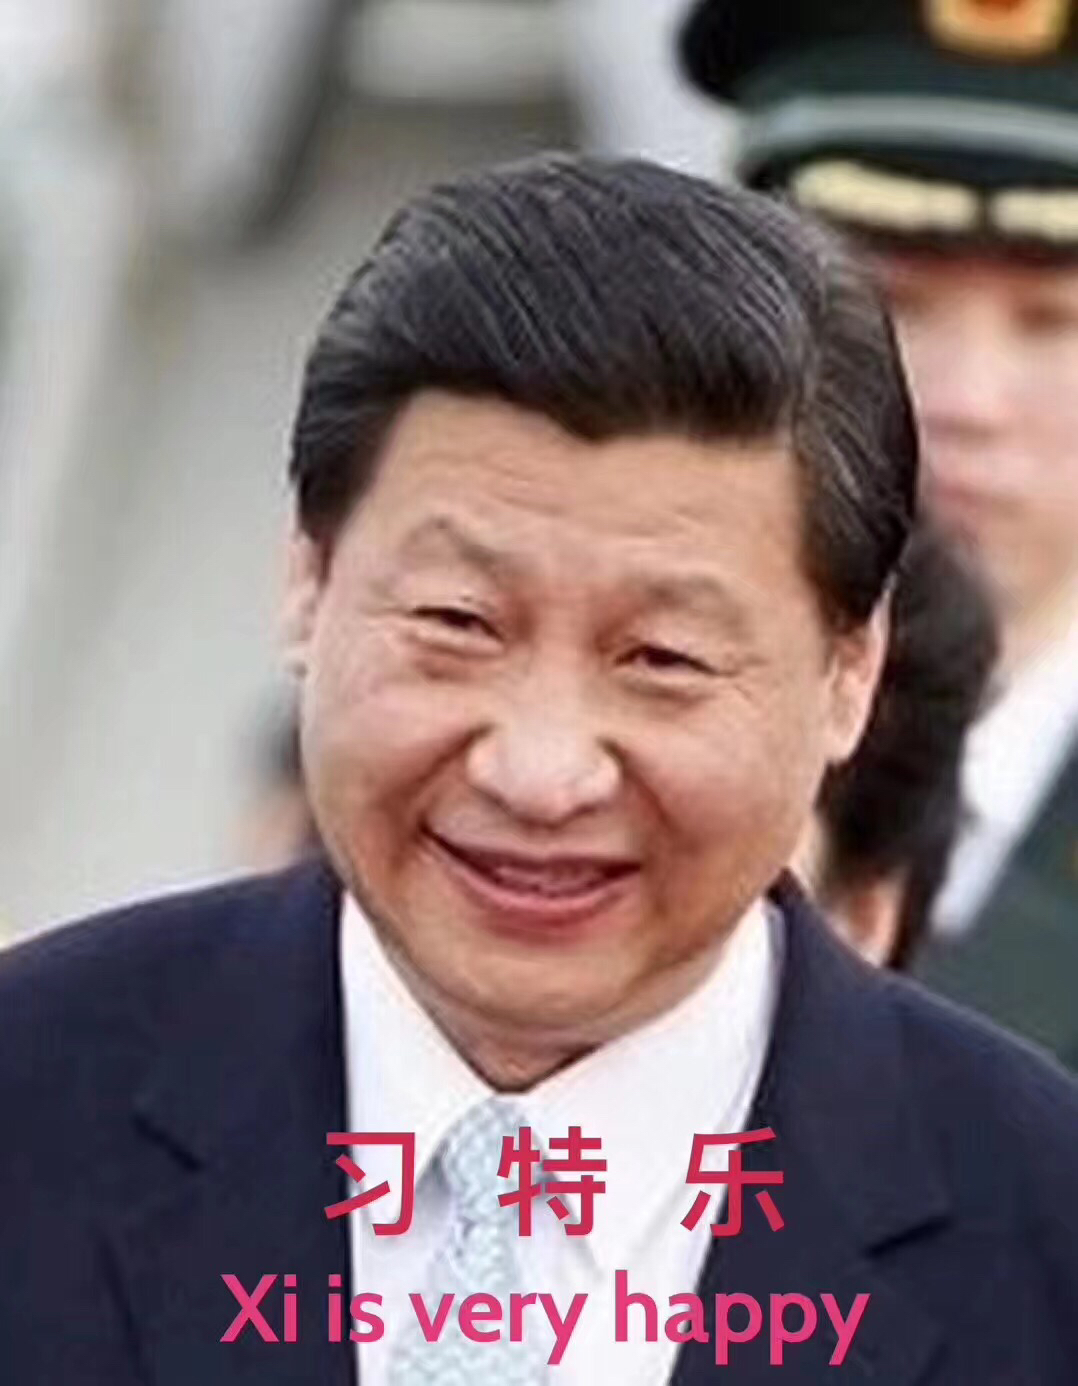 【图说天朝】三届连任国运昌隆  四海归心全民效忠